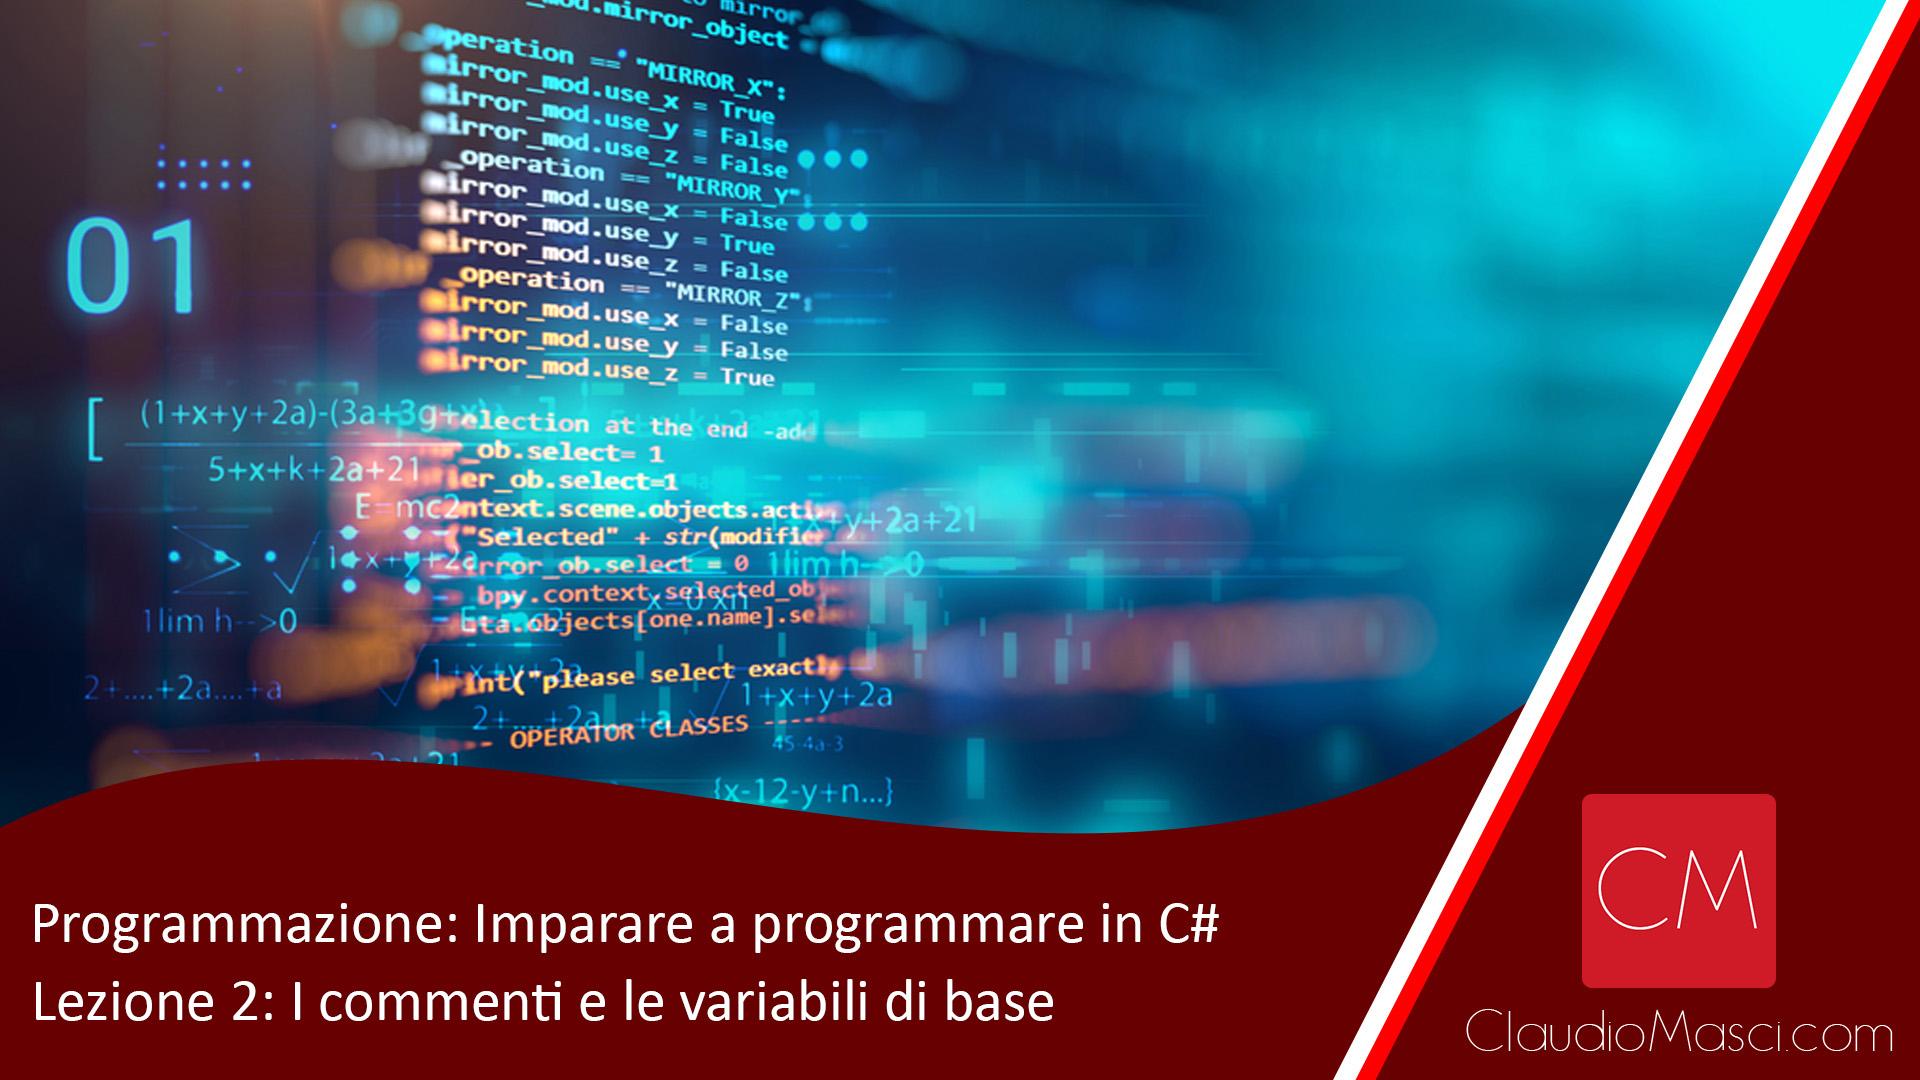 Programmazione: Imparare a programmare in C# – Lezione 2: Commenti e variabili